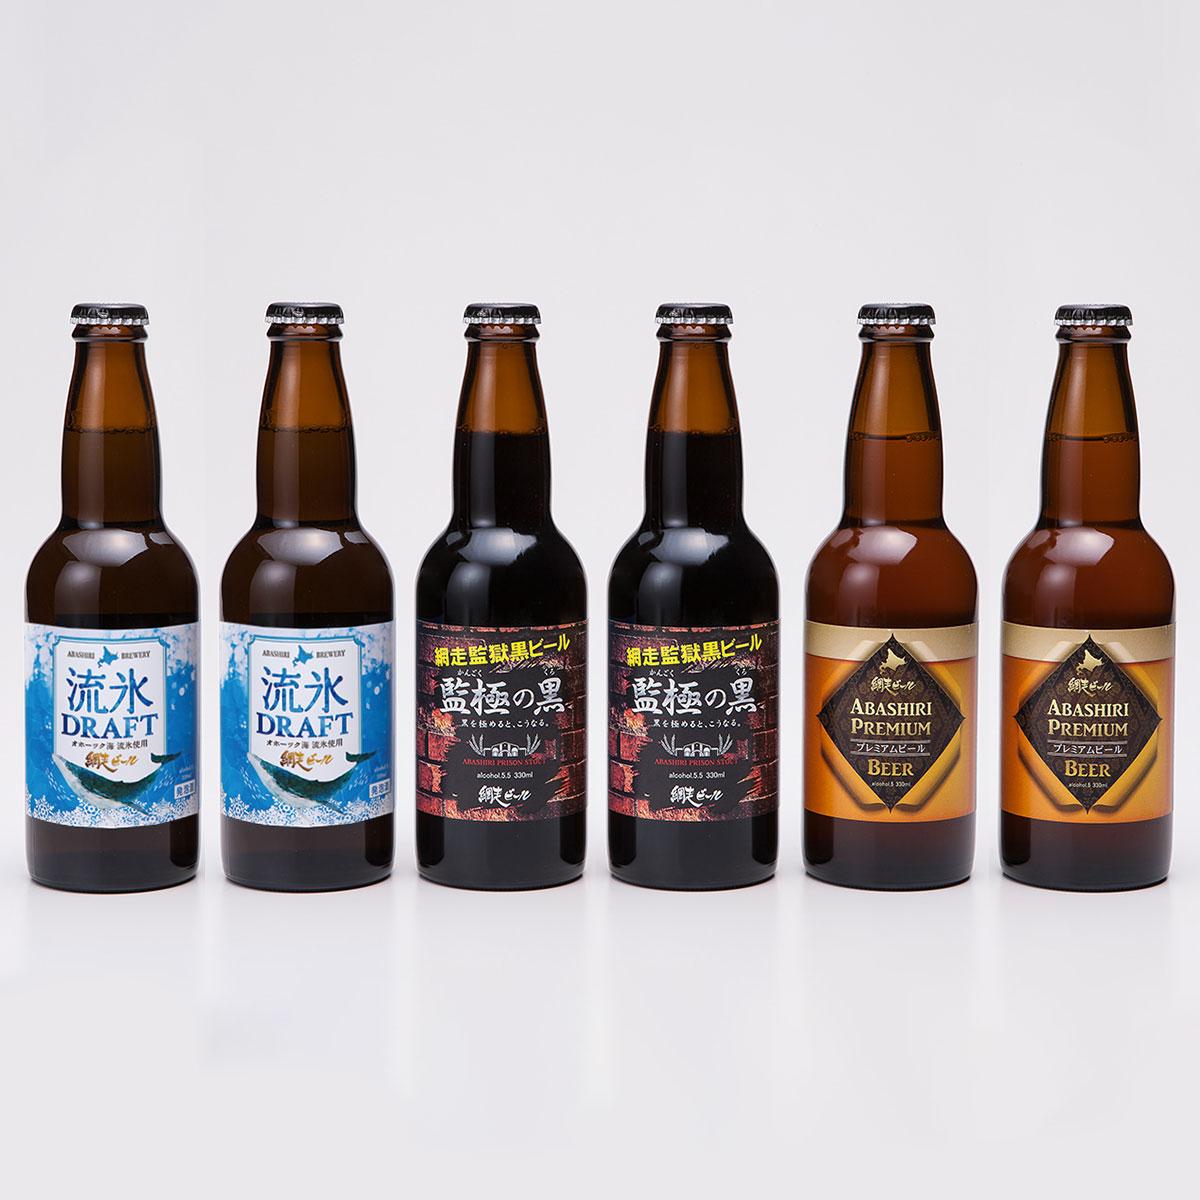 2012年モンドセレクション銅賞受賞のプレミアムビール 網走ビール人気詰合せ6本セット 網走ビール株式会社・北海道